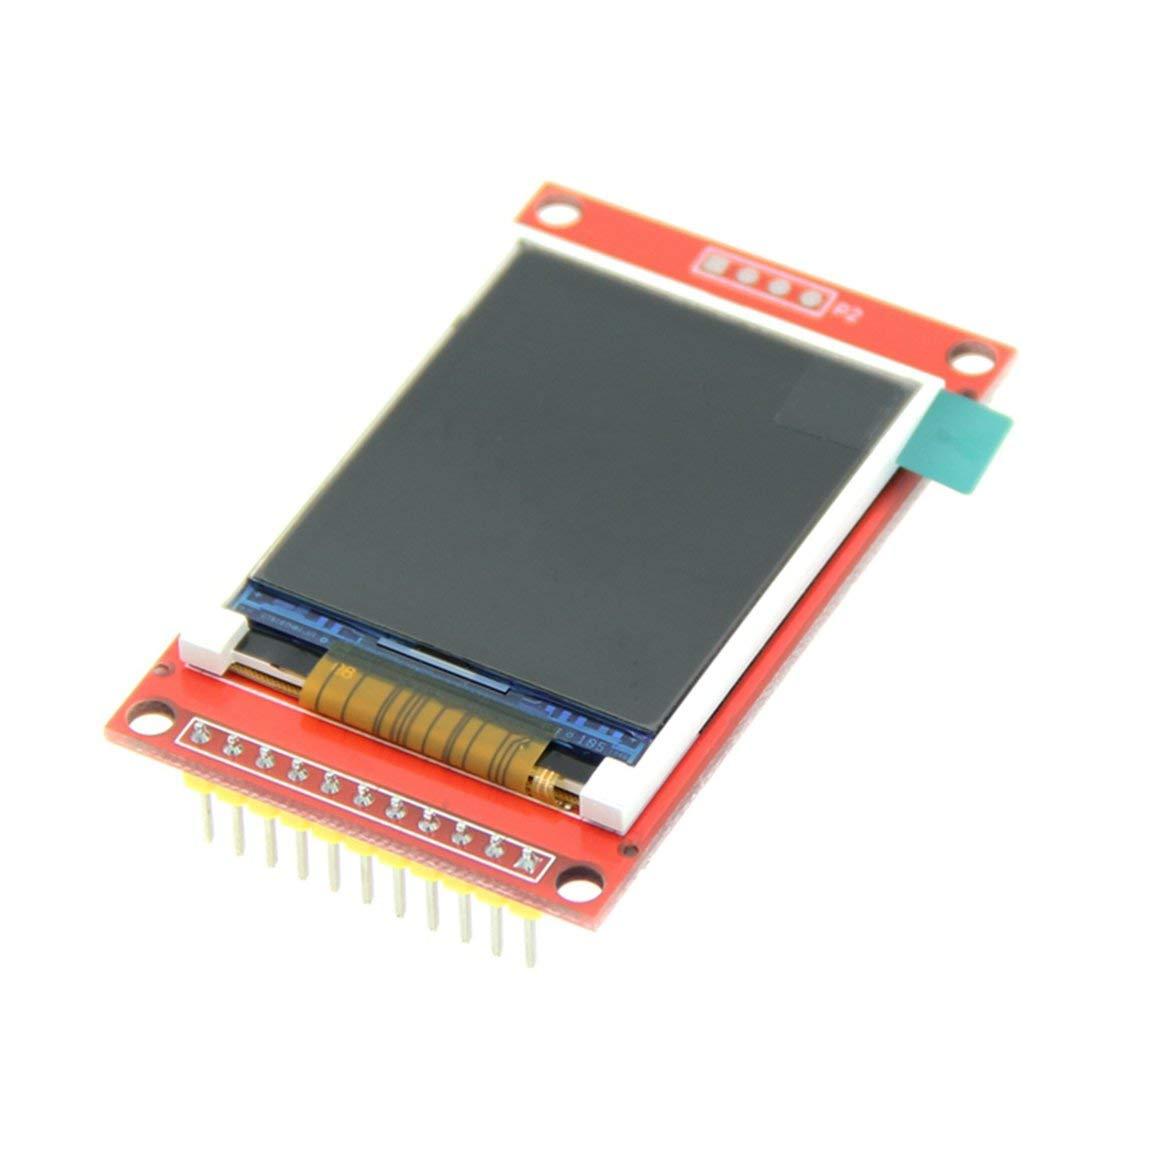 couleur: rouge et noir 3.3V IC ST7735S avec emplacement pour carte SD 160 Affichage LCD 1,8 pouces pour le driver IC Arduino 5V R/ésolution LCD s/érie 1.8inch TFT SPI 128